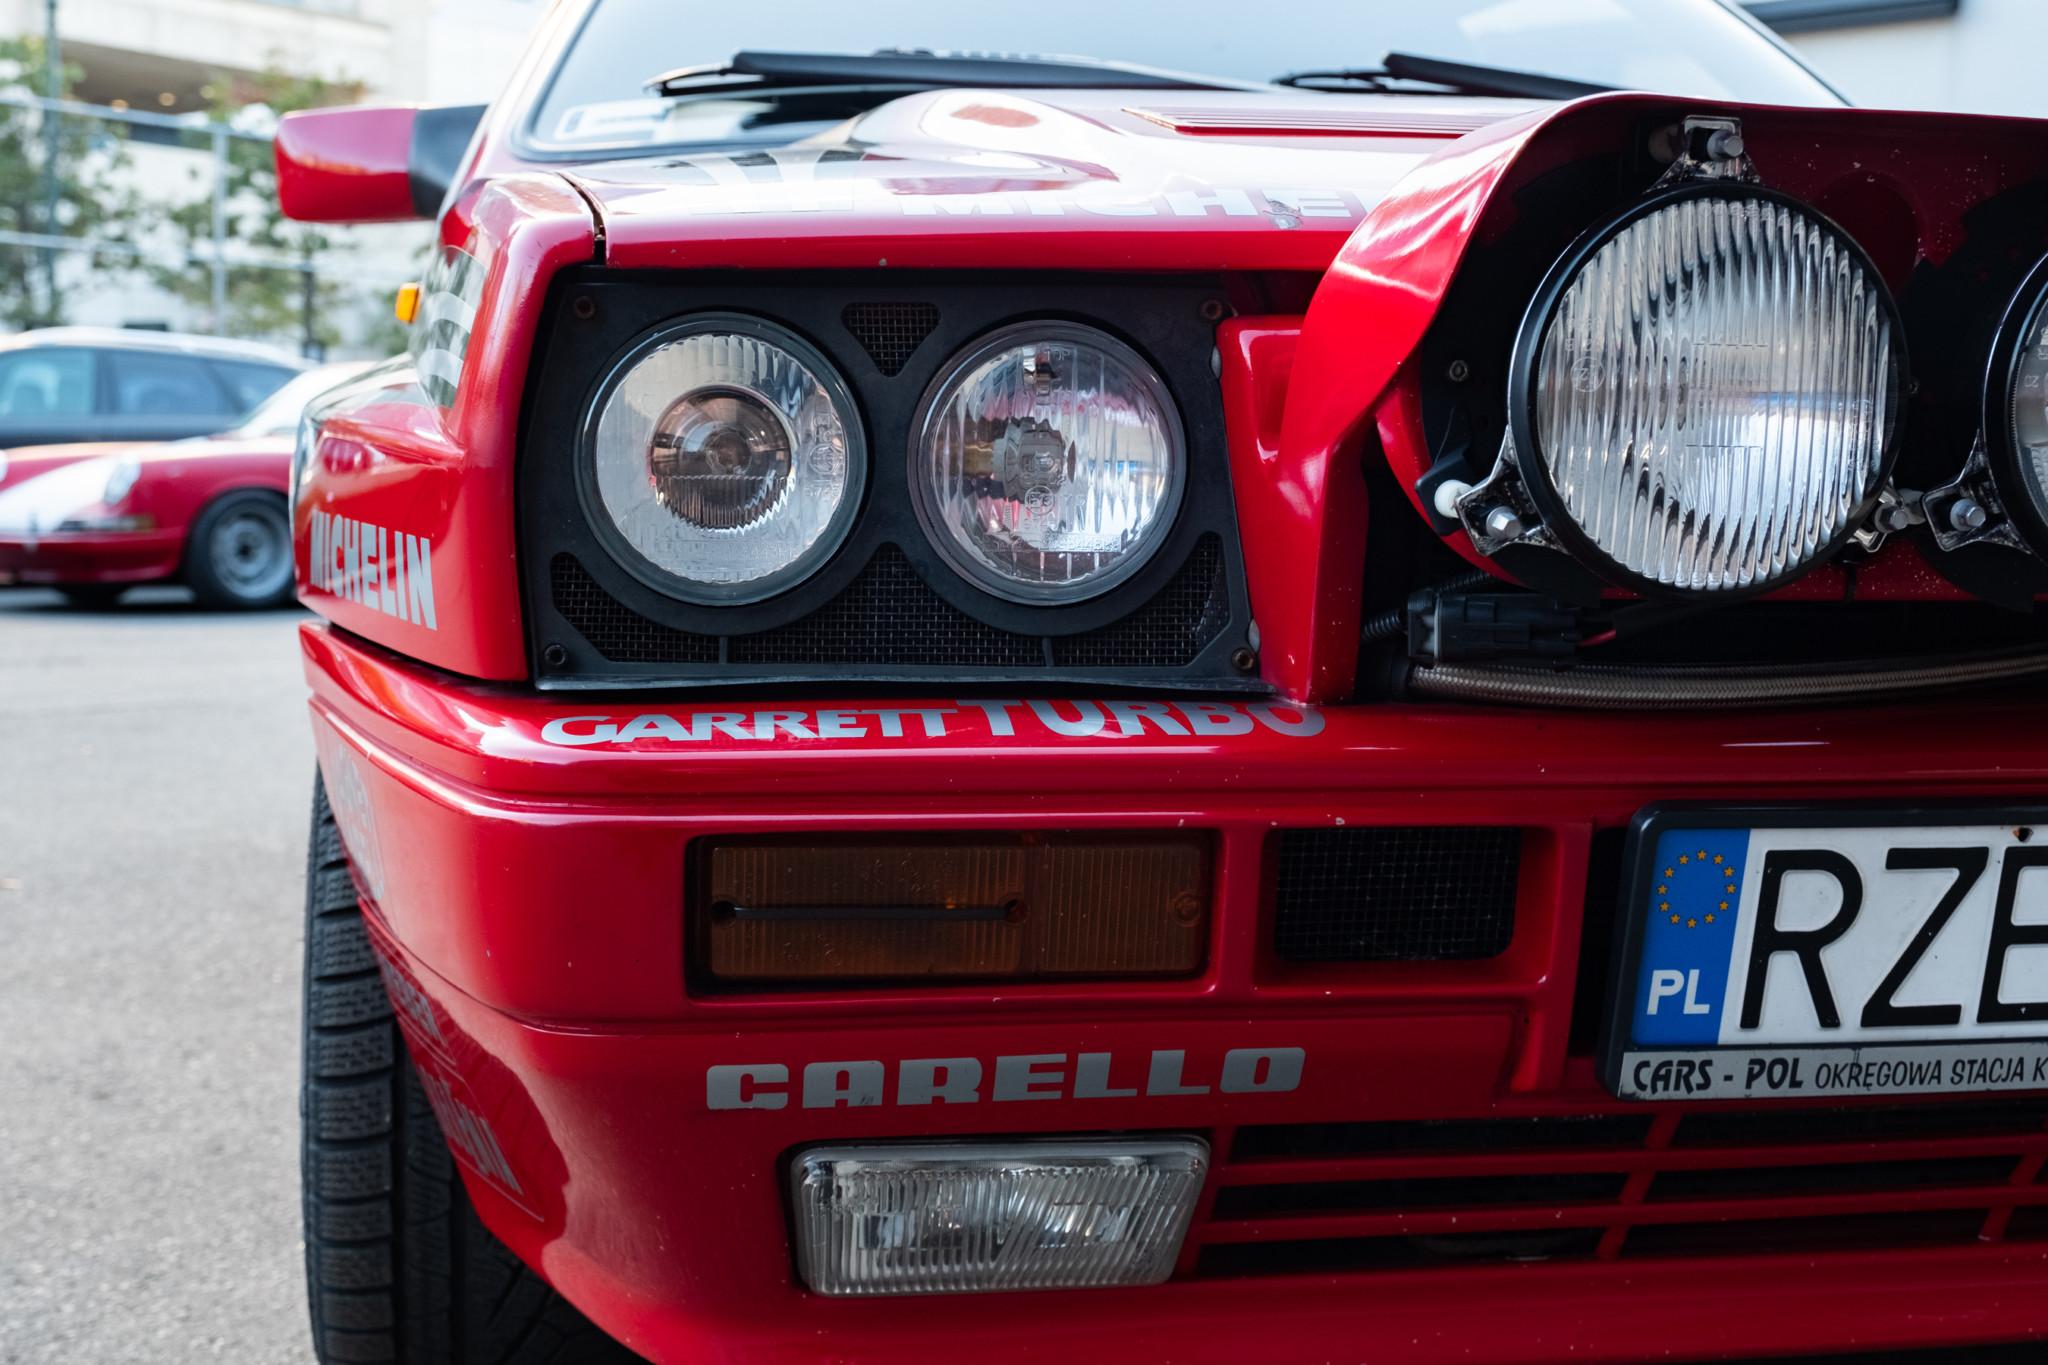 Lancia-Delta-Integrale-1989-for-sale-49